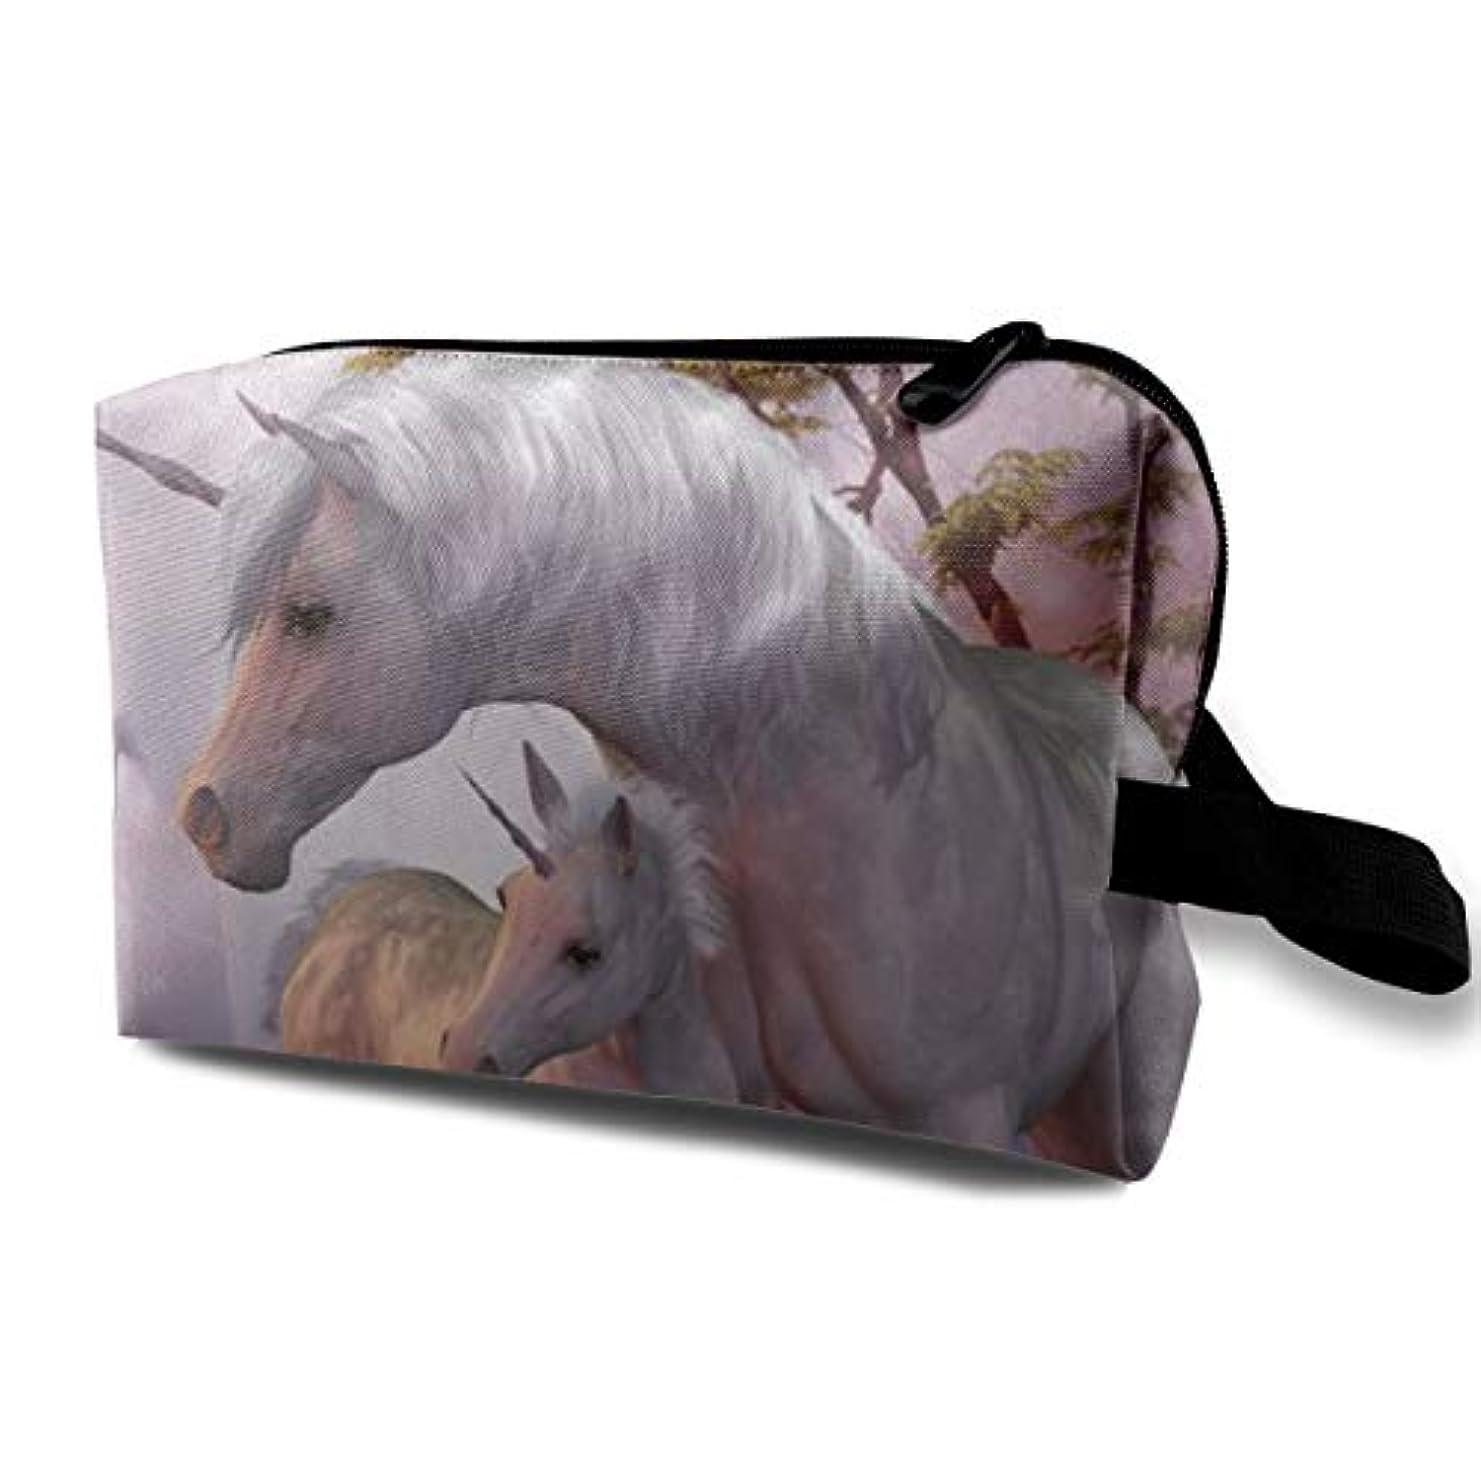 マークされたジェスチャートリップFantasy Unicorn 収納ポーチ 化粧ポーチ 大容量 軽量 耐久性 ハンドル付持ち運び便利。入れ 自宅?出張?旅行?アウトドア撮影などに対応。メンズ レディース トラベルグッズ